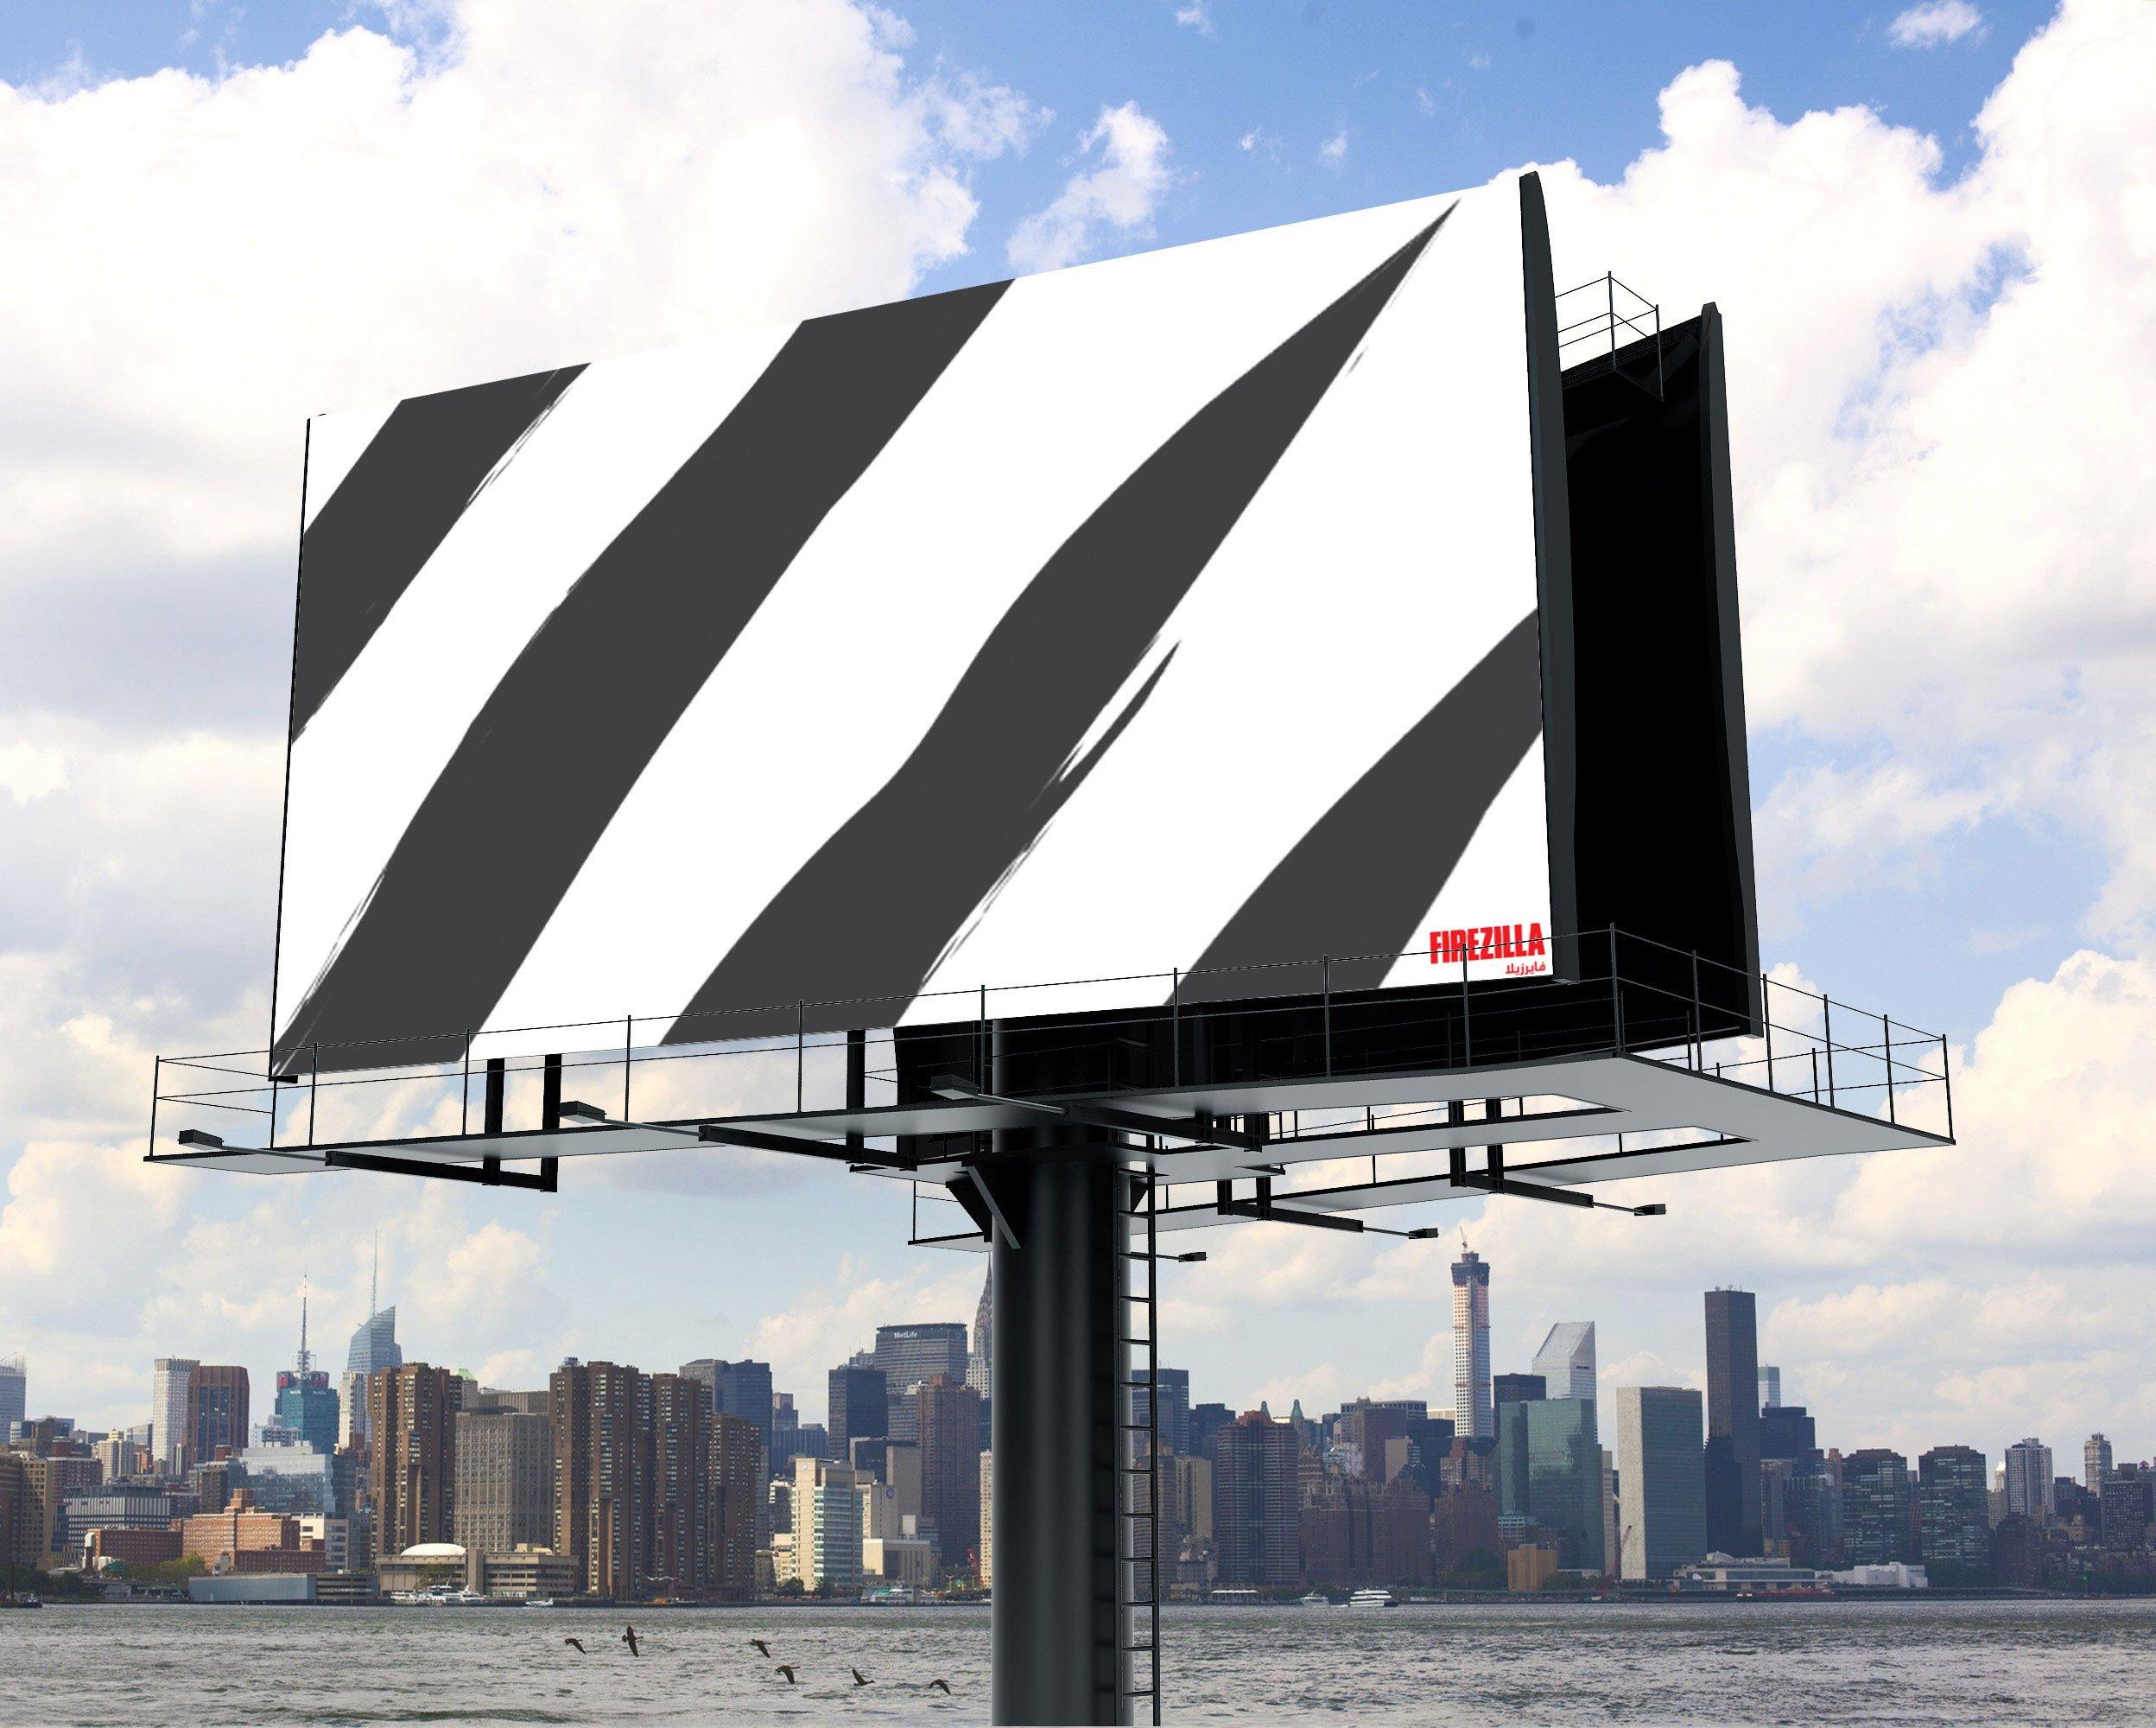 Firezilla Billboard